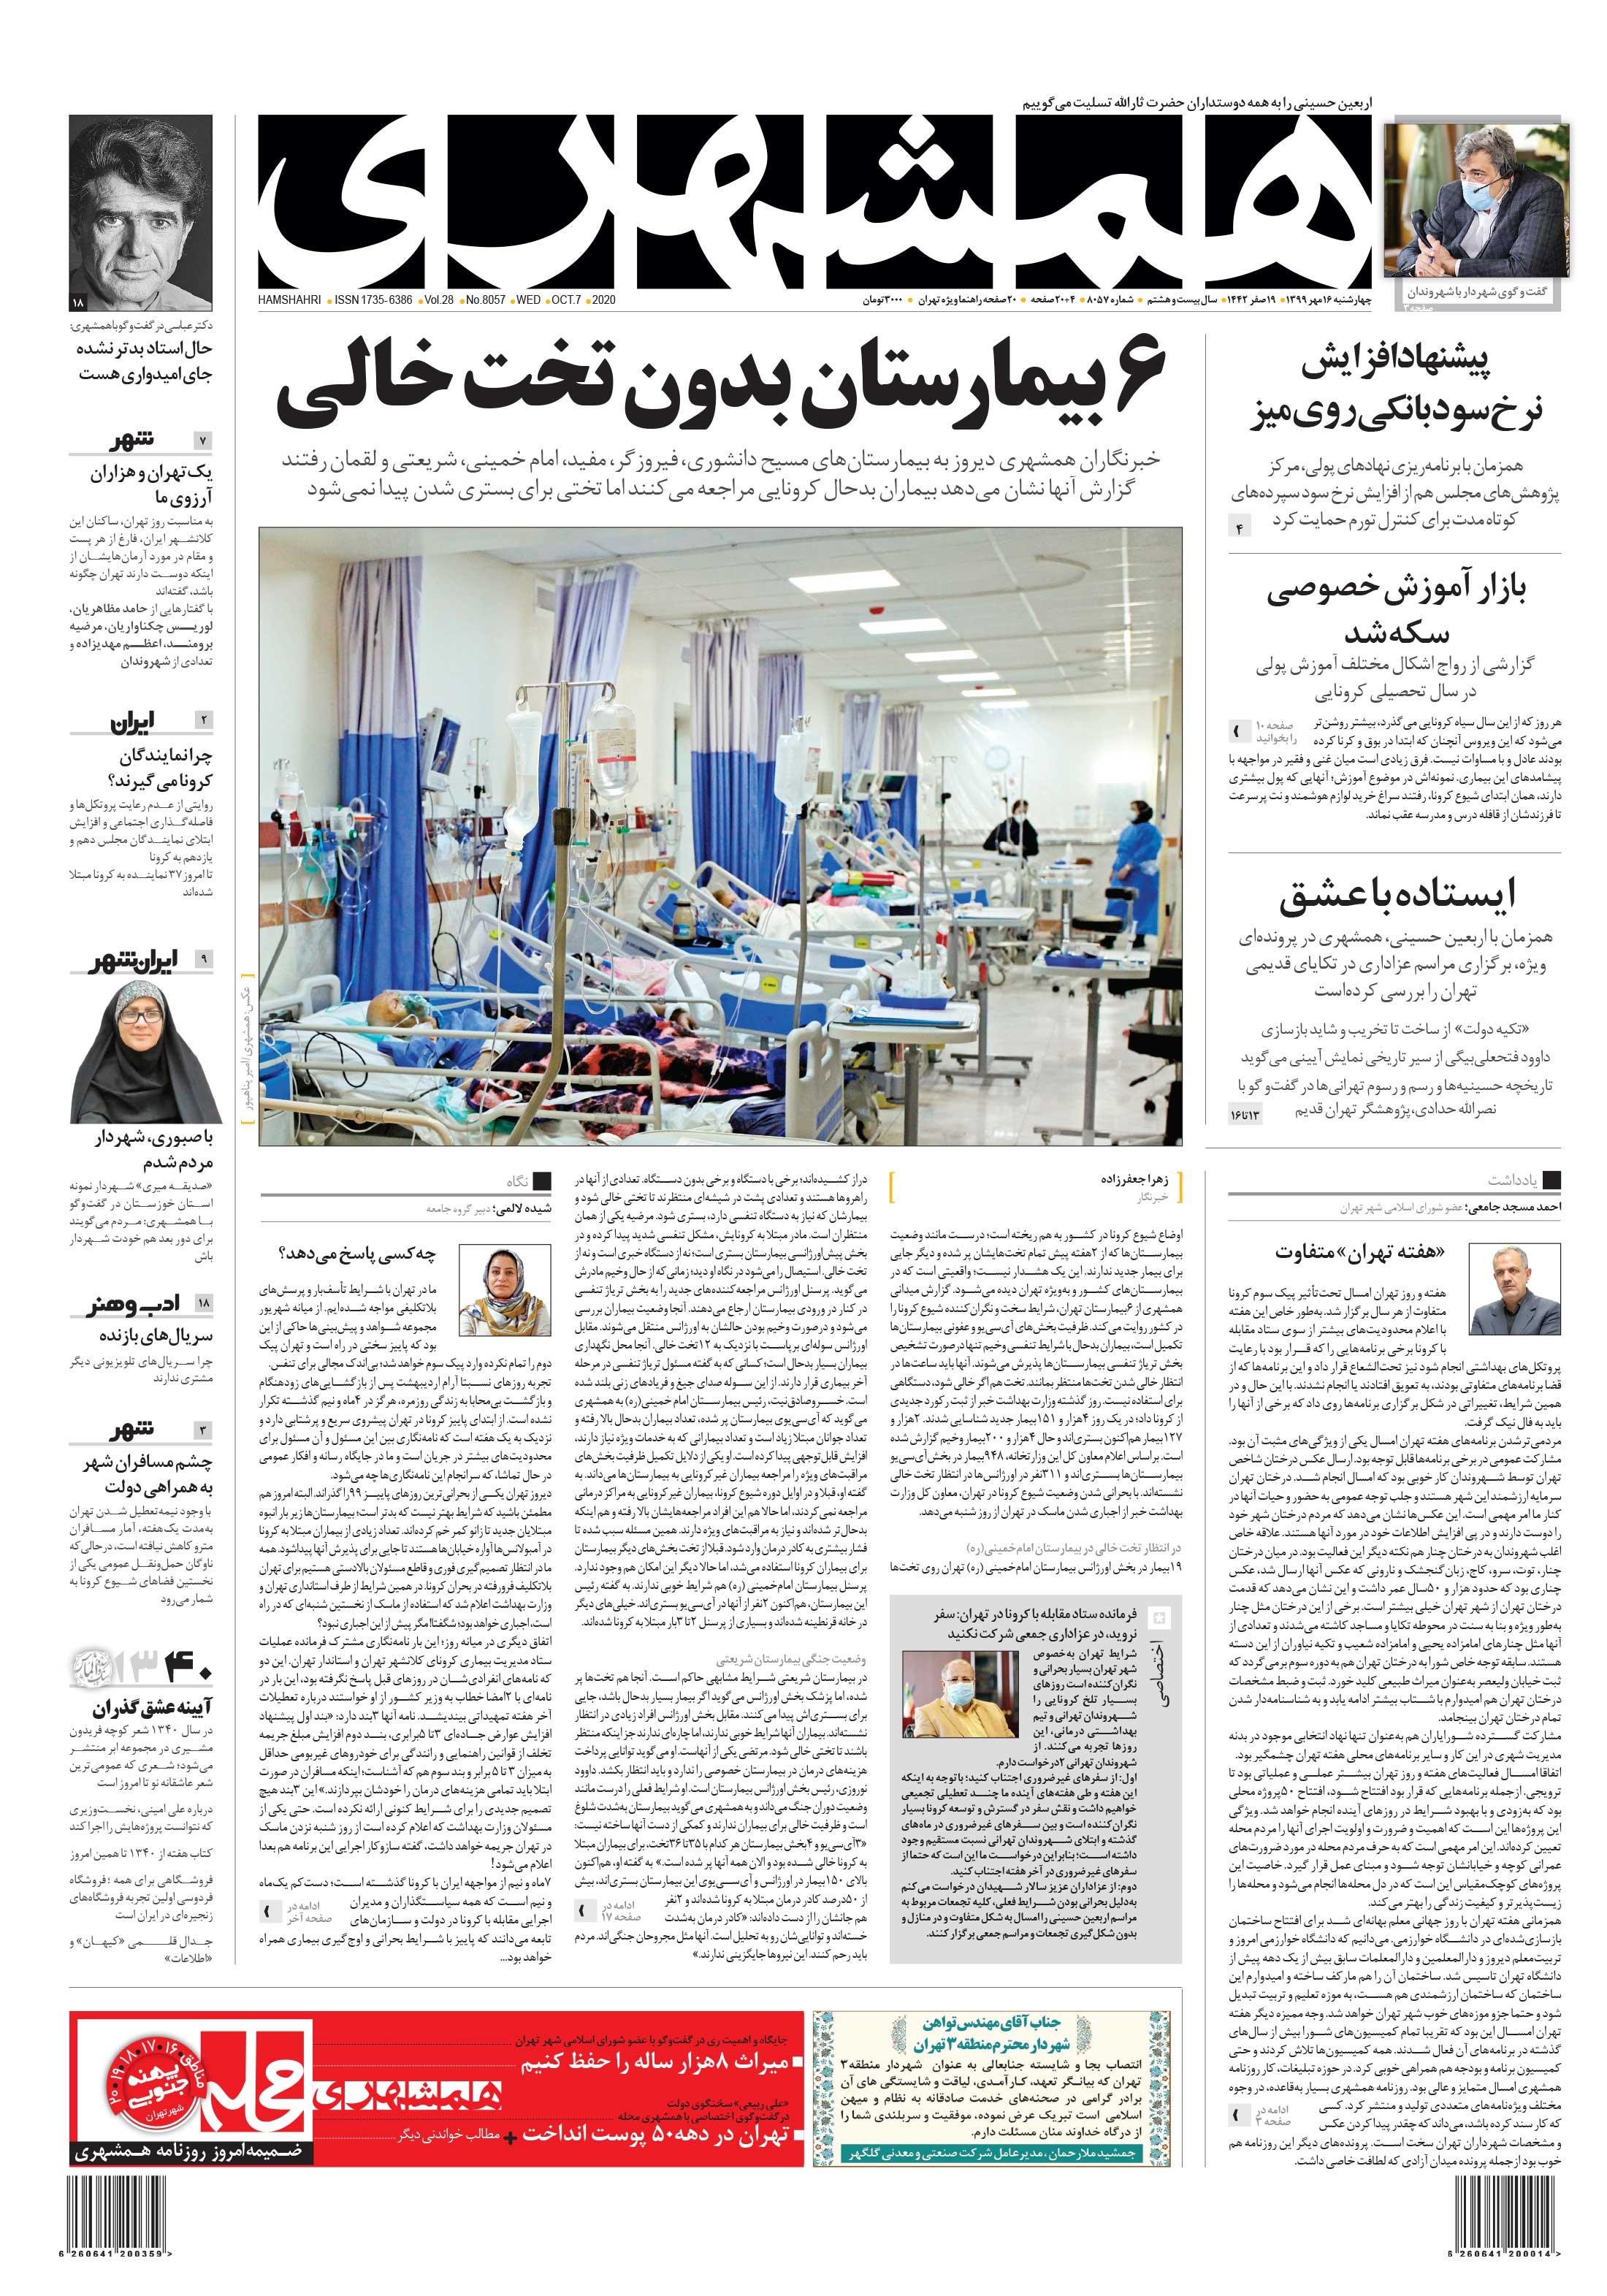 صفحه اول چهارشنبه 16 مهر 1399